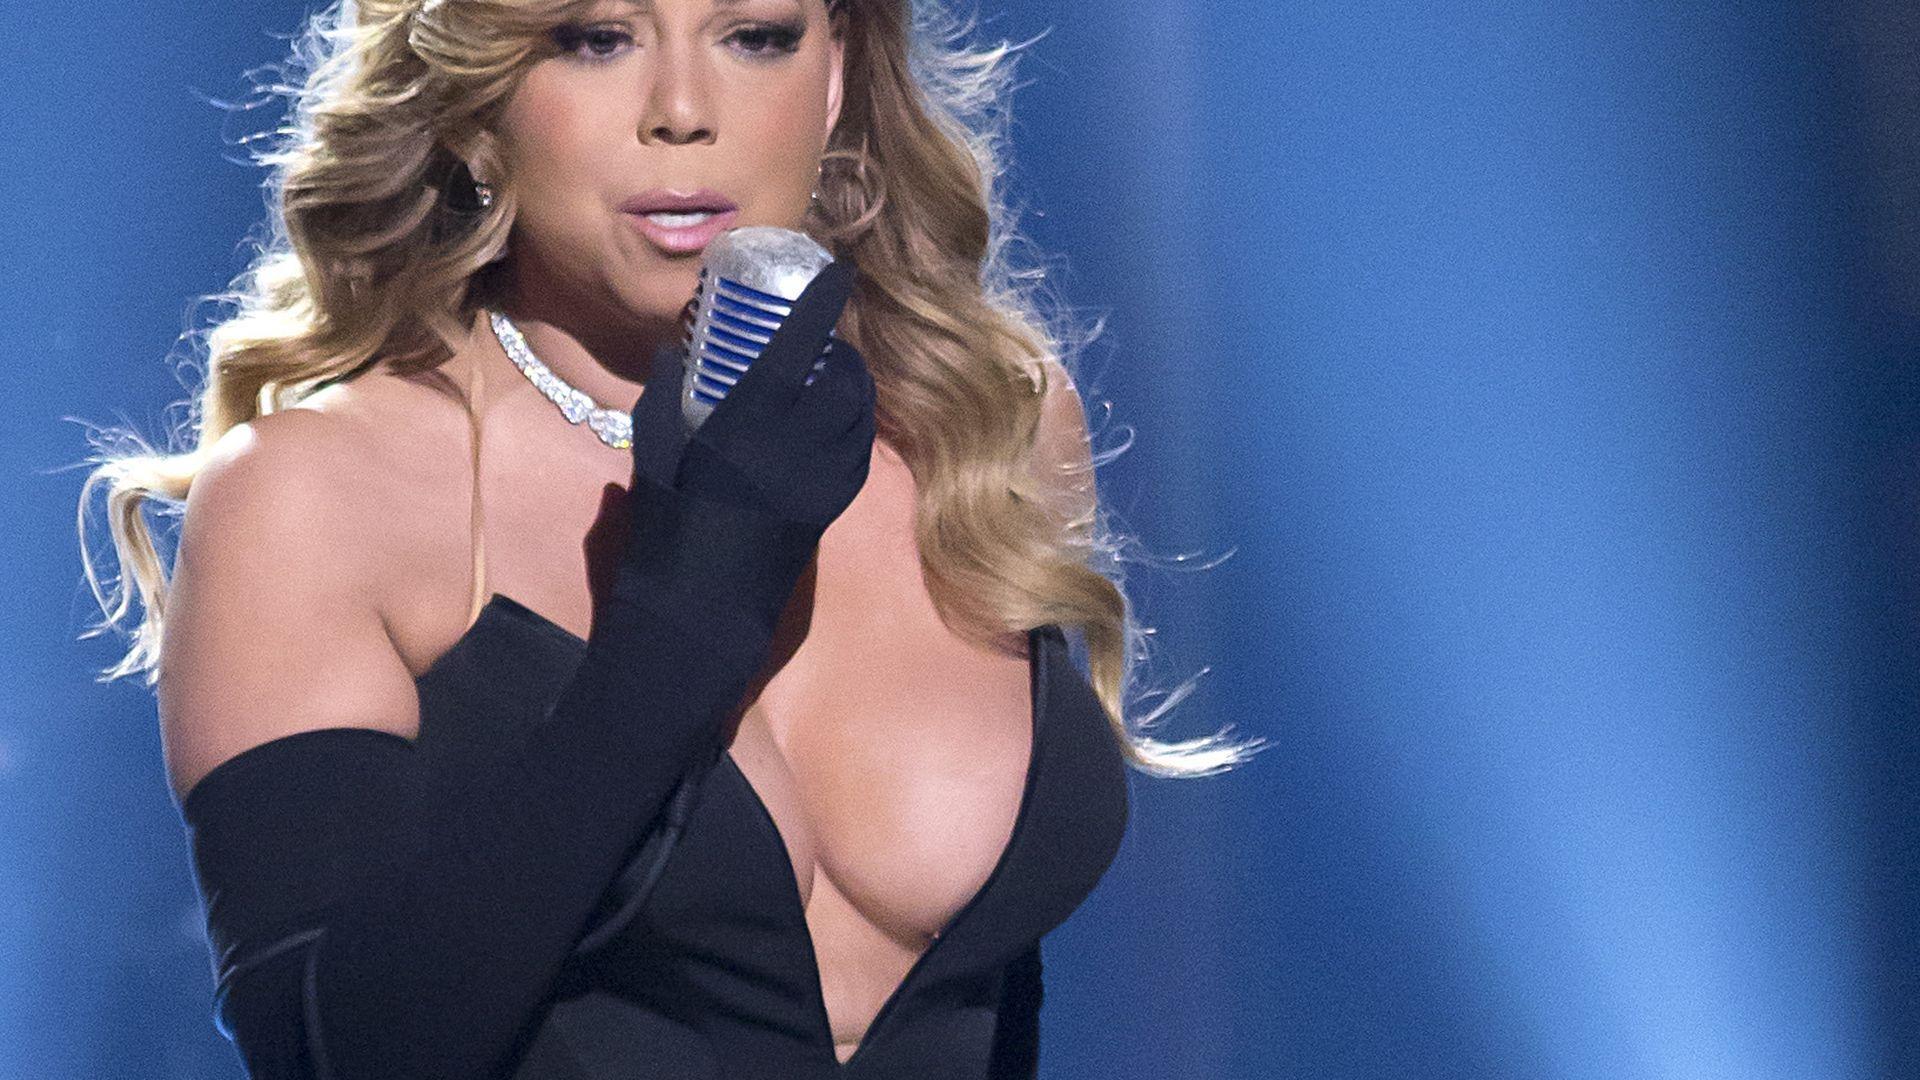 Mariah carey große Titten